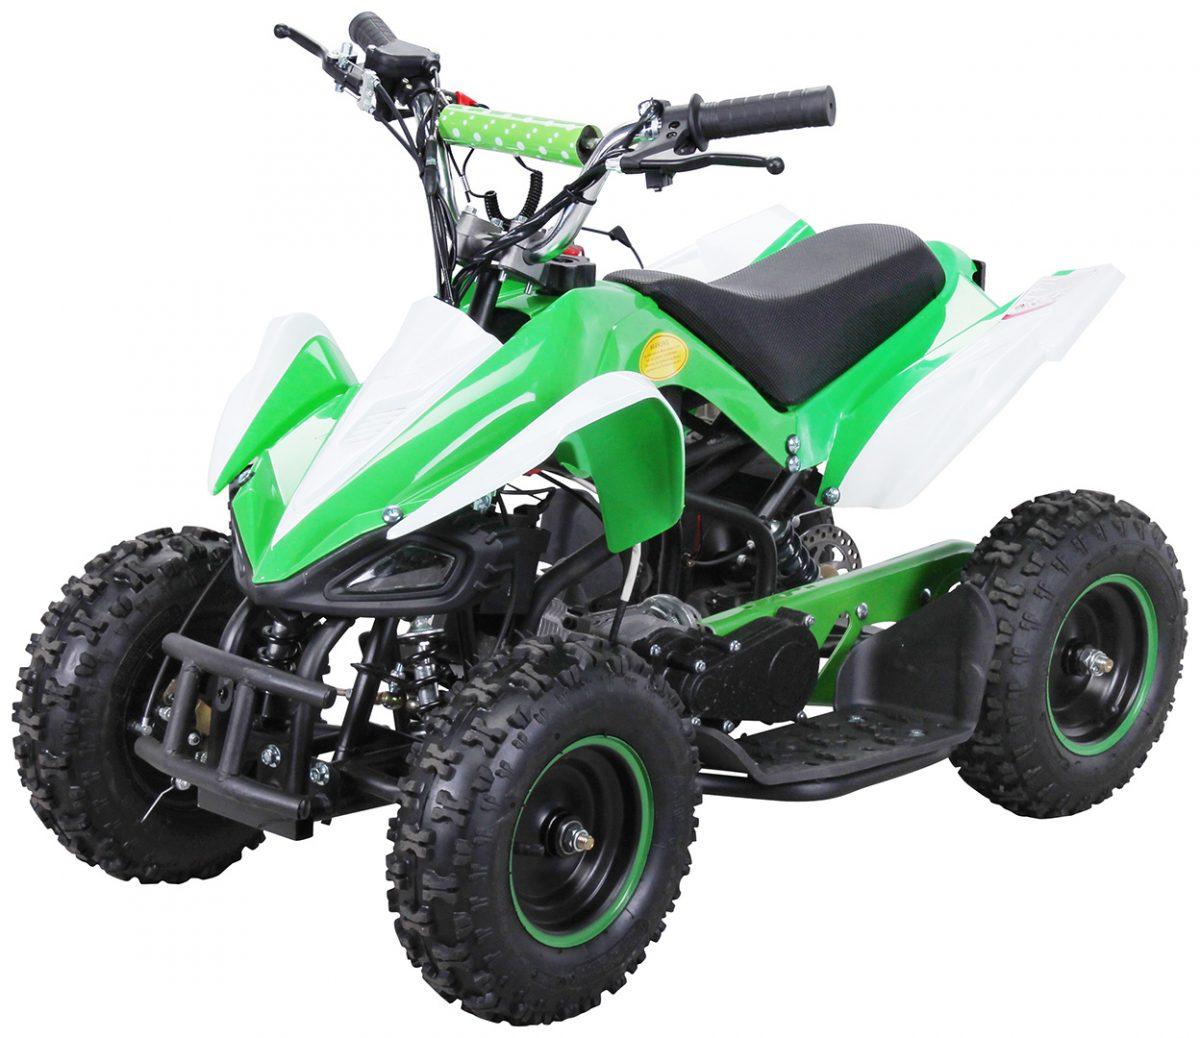 Mini Kinder ATV 49 cc Racer Pocketquad 2-takt Quad